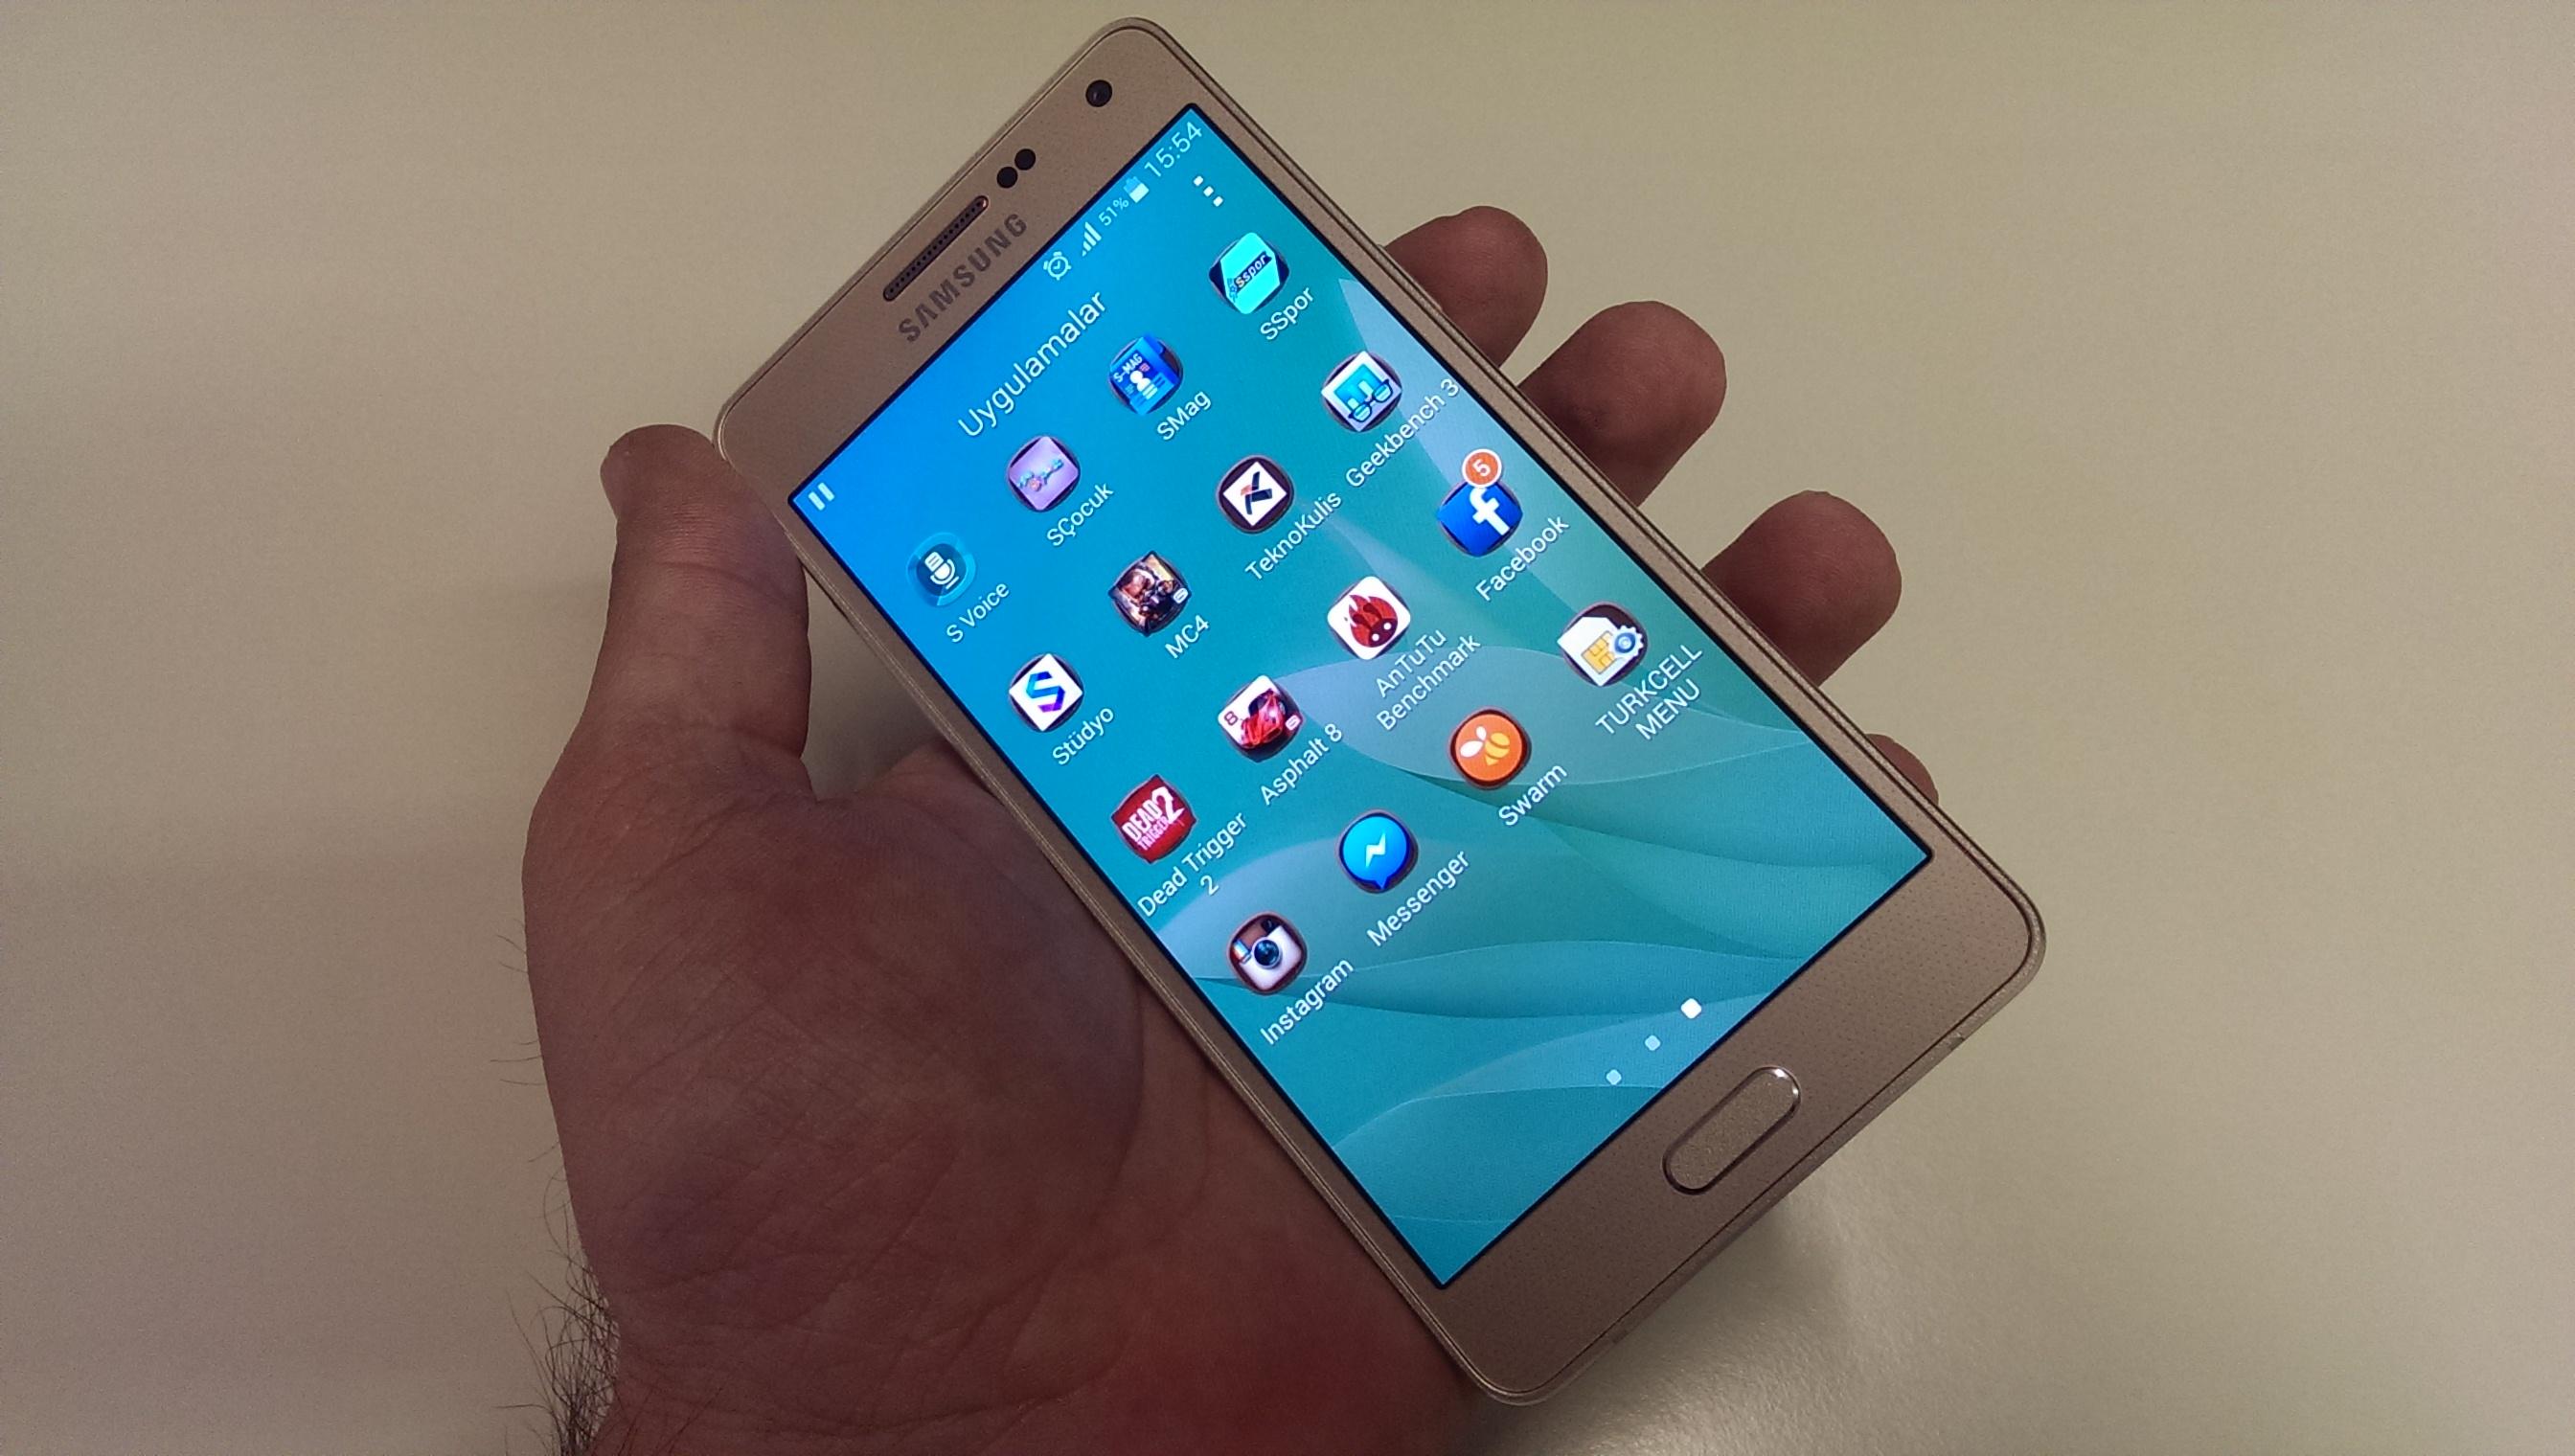 Samsung Galaxy A5 (SM-A500FQ) foto�raflar�